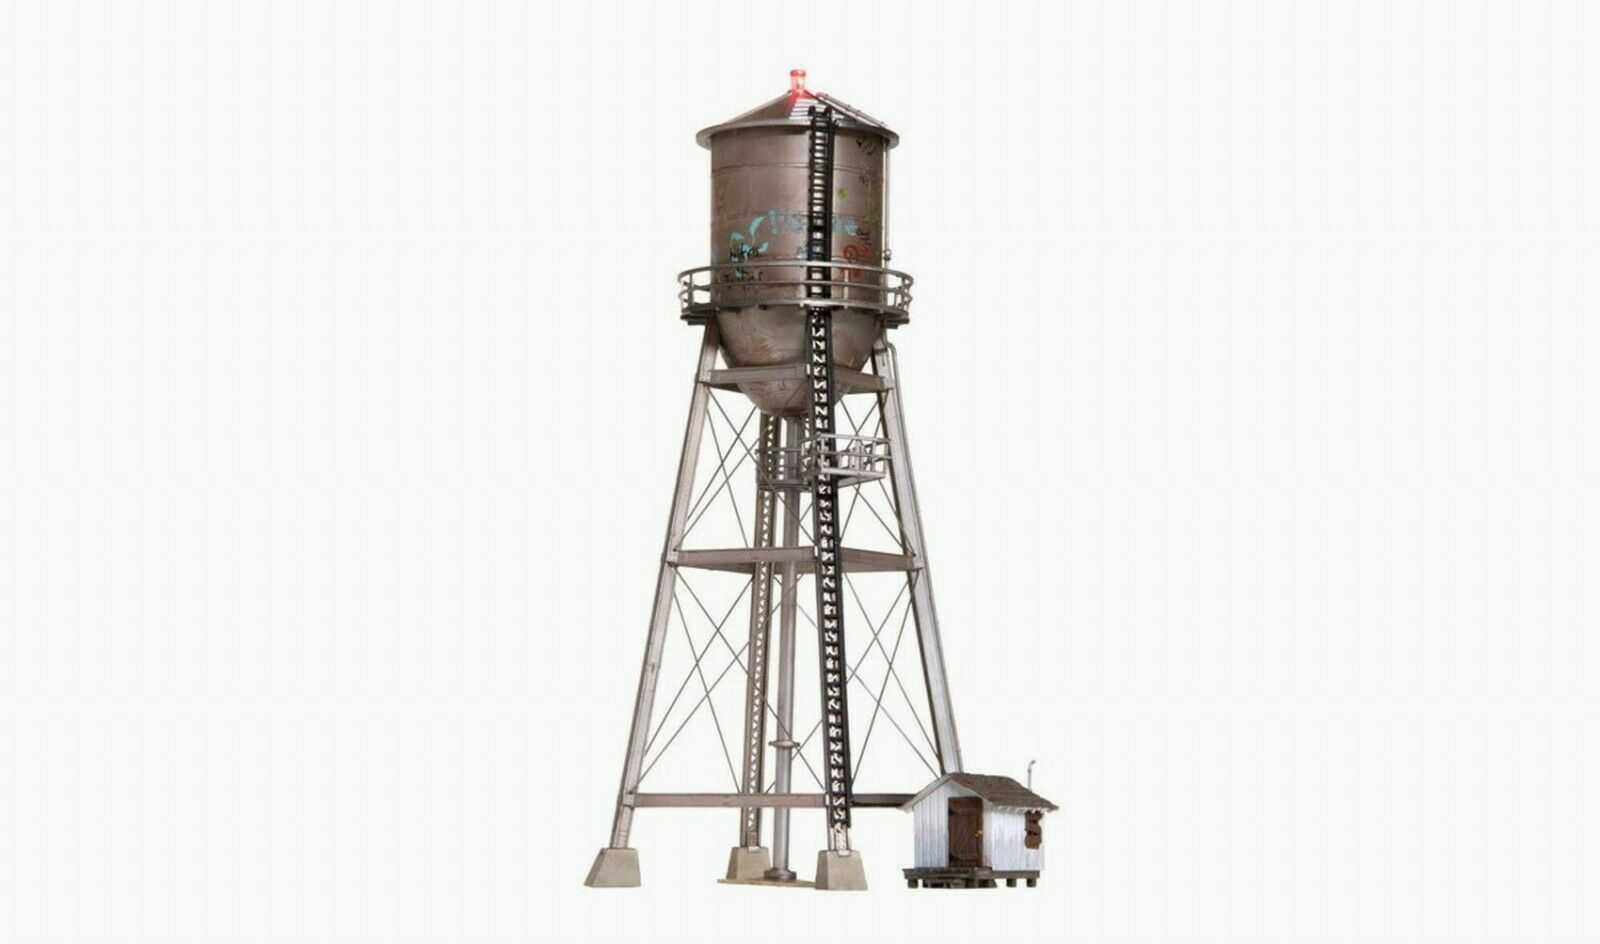 Woodland Scenics construido y listo Rústico estructura de escala HO torre de agua